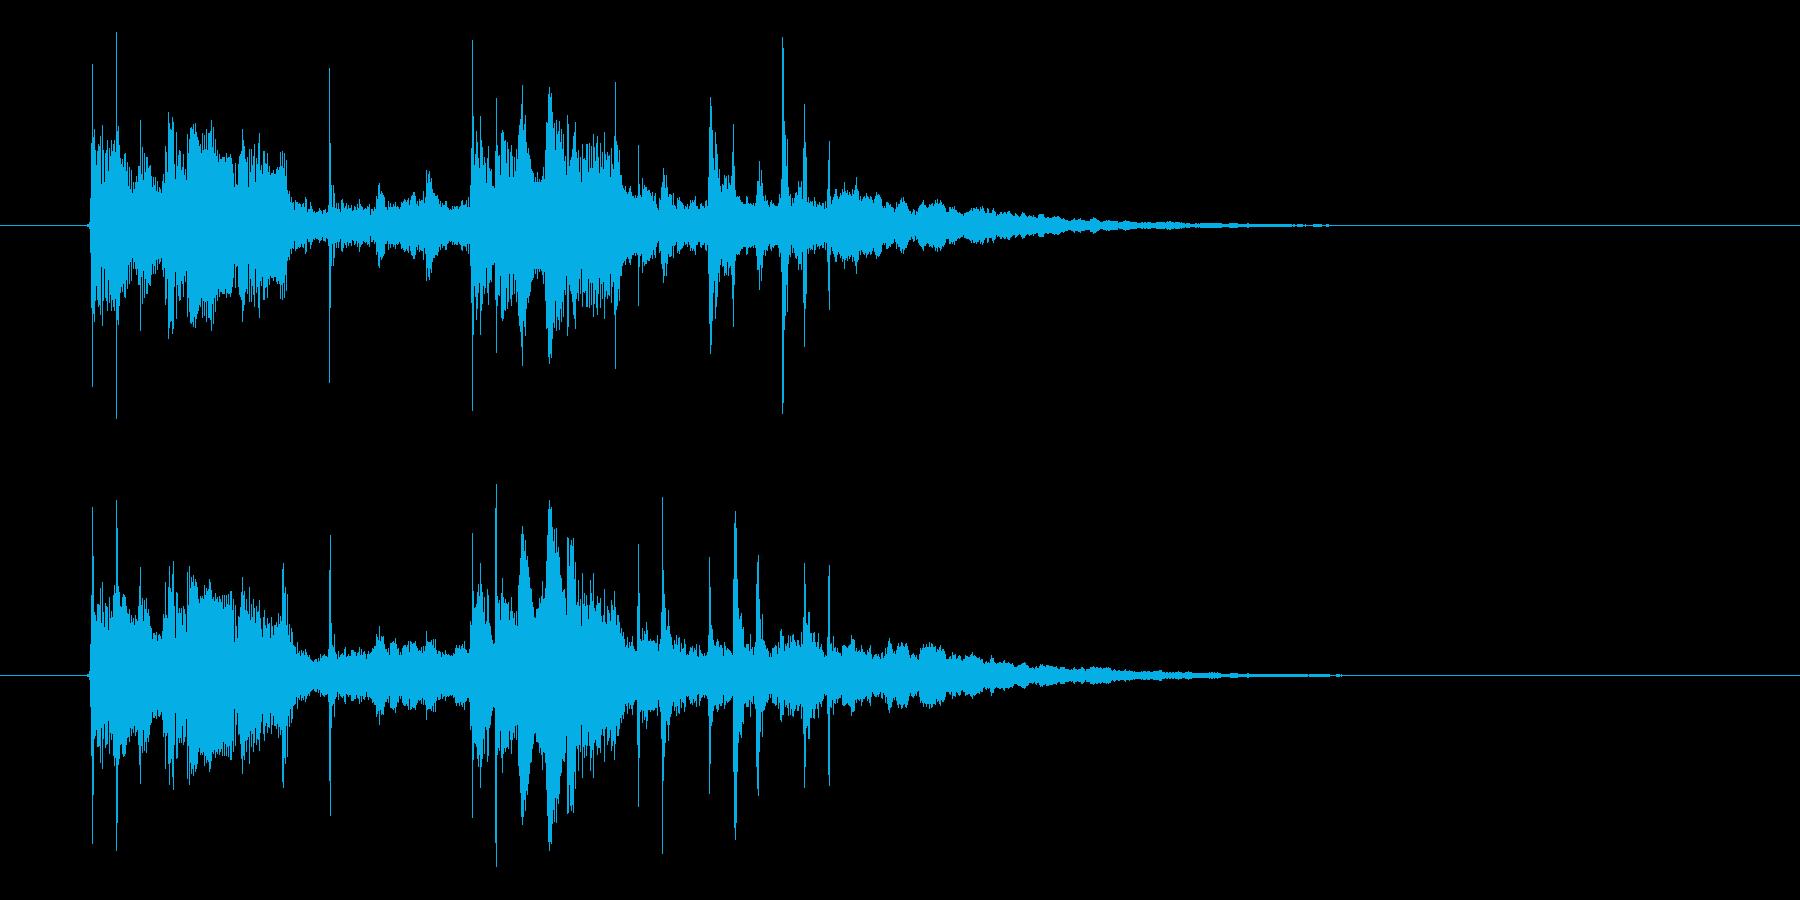 神秘的でメローなシンセジングルの再生済みの波形